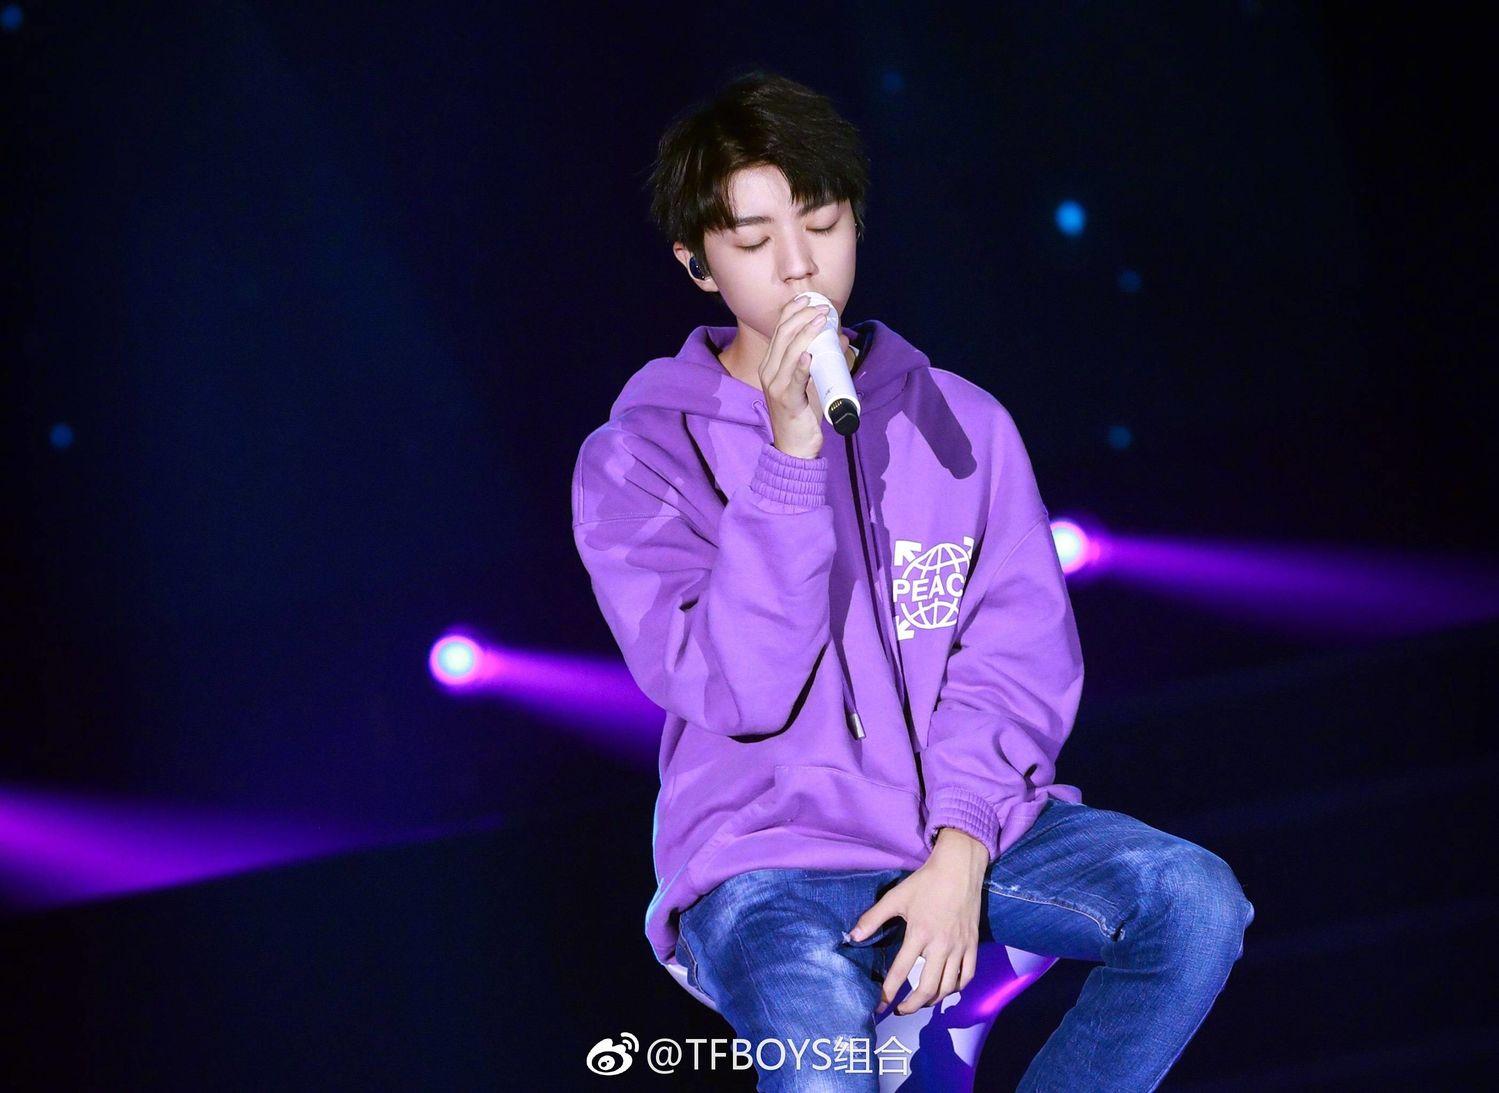 [TFBOYS][新闻]170924 王俊凯生日会彩排高清图来袭 安静唱歌的小凯最迷人